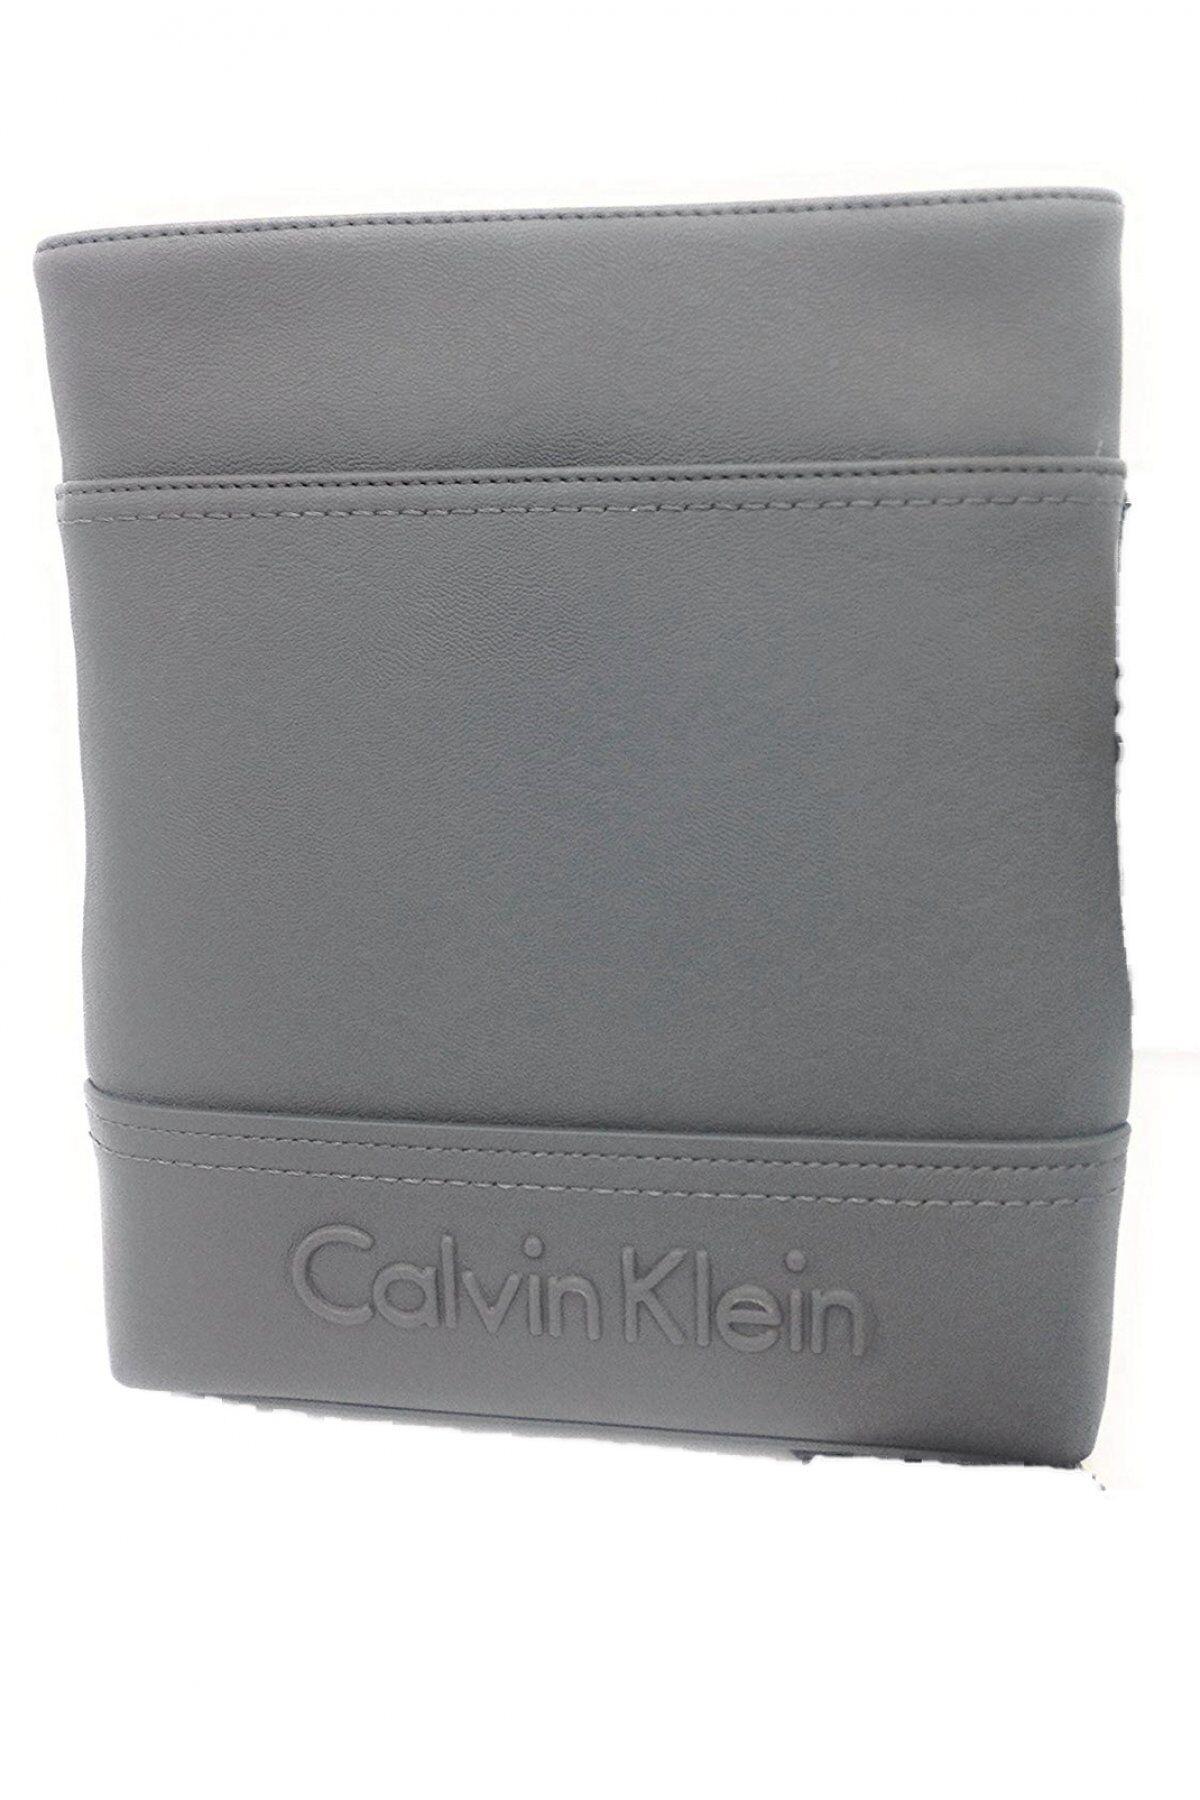 Calvin klein Dimensions Hxlxp, En Cm: 26x23x2tons: Les Gris